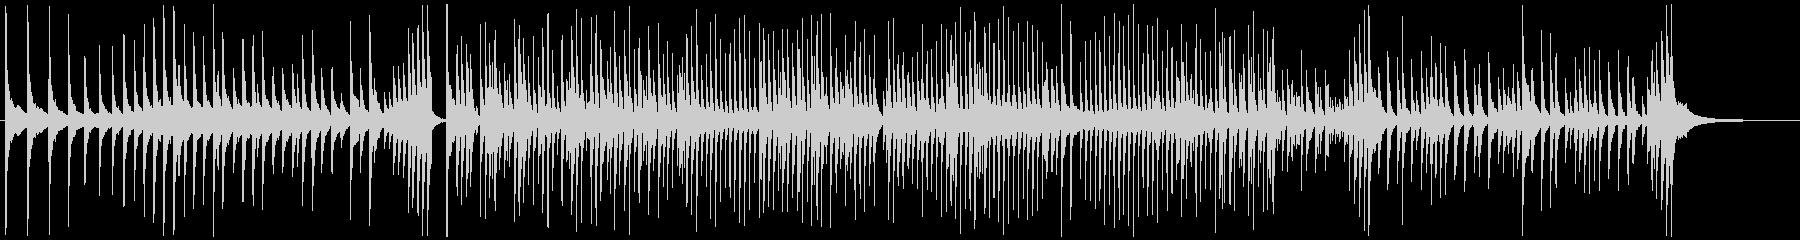 津軽三味線ソロ-I、激しい、疾走、声なしの未再生の波形